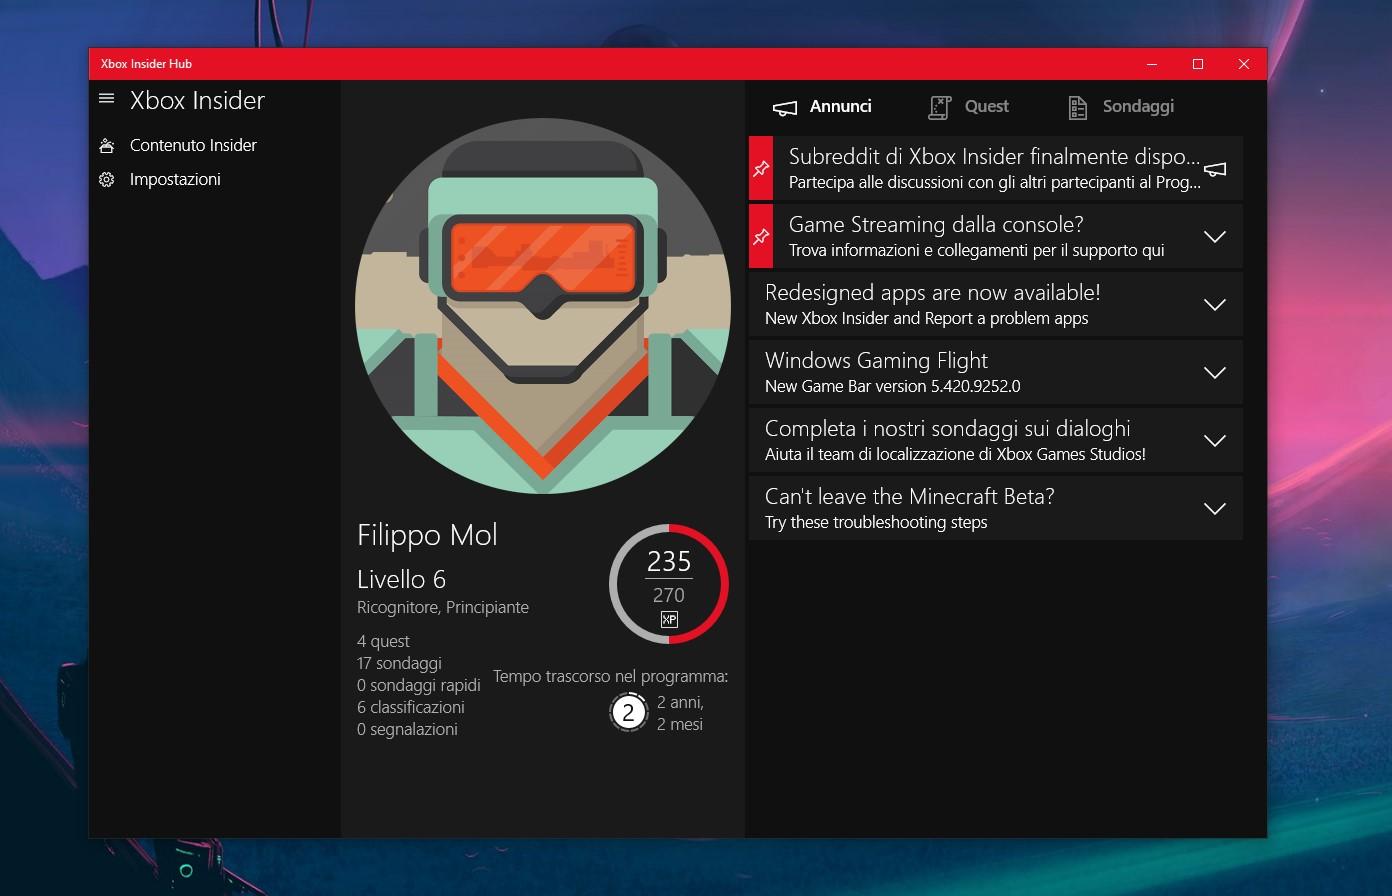 Nuova app Xbox Insider per Windows 10 e Xbox